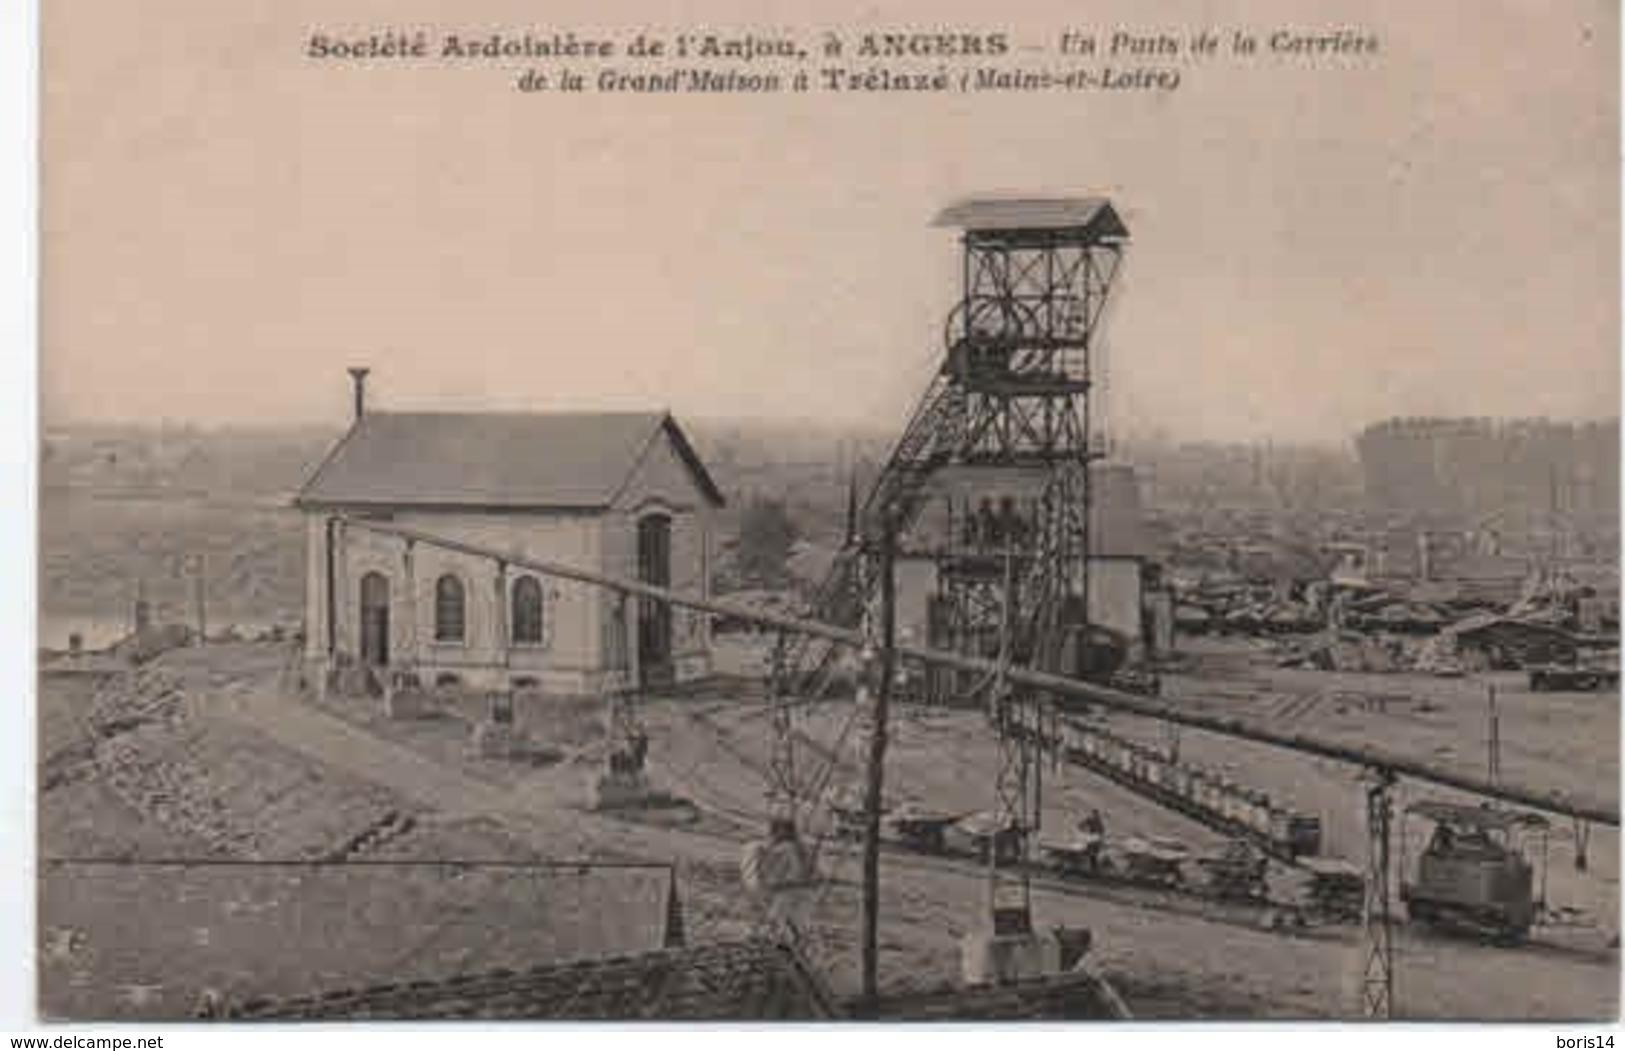 49- 50341  -   ANGERS  -   Société Ardoisiere De L'anjou,un Puit De La Carriere - Angers